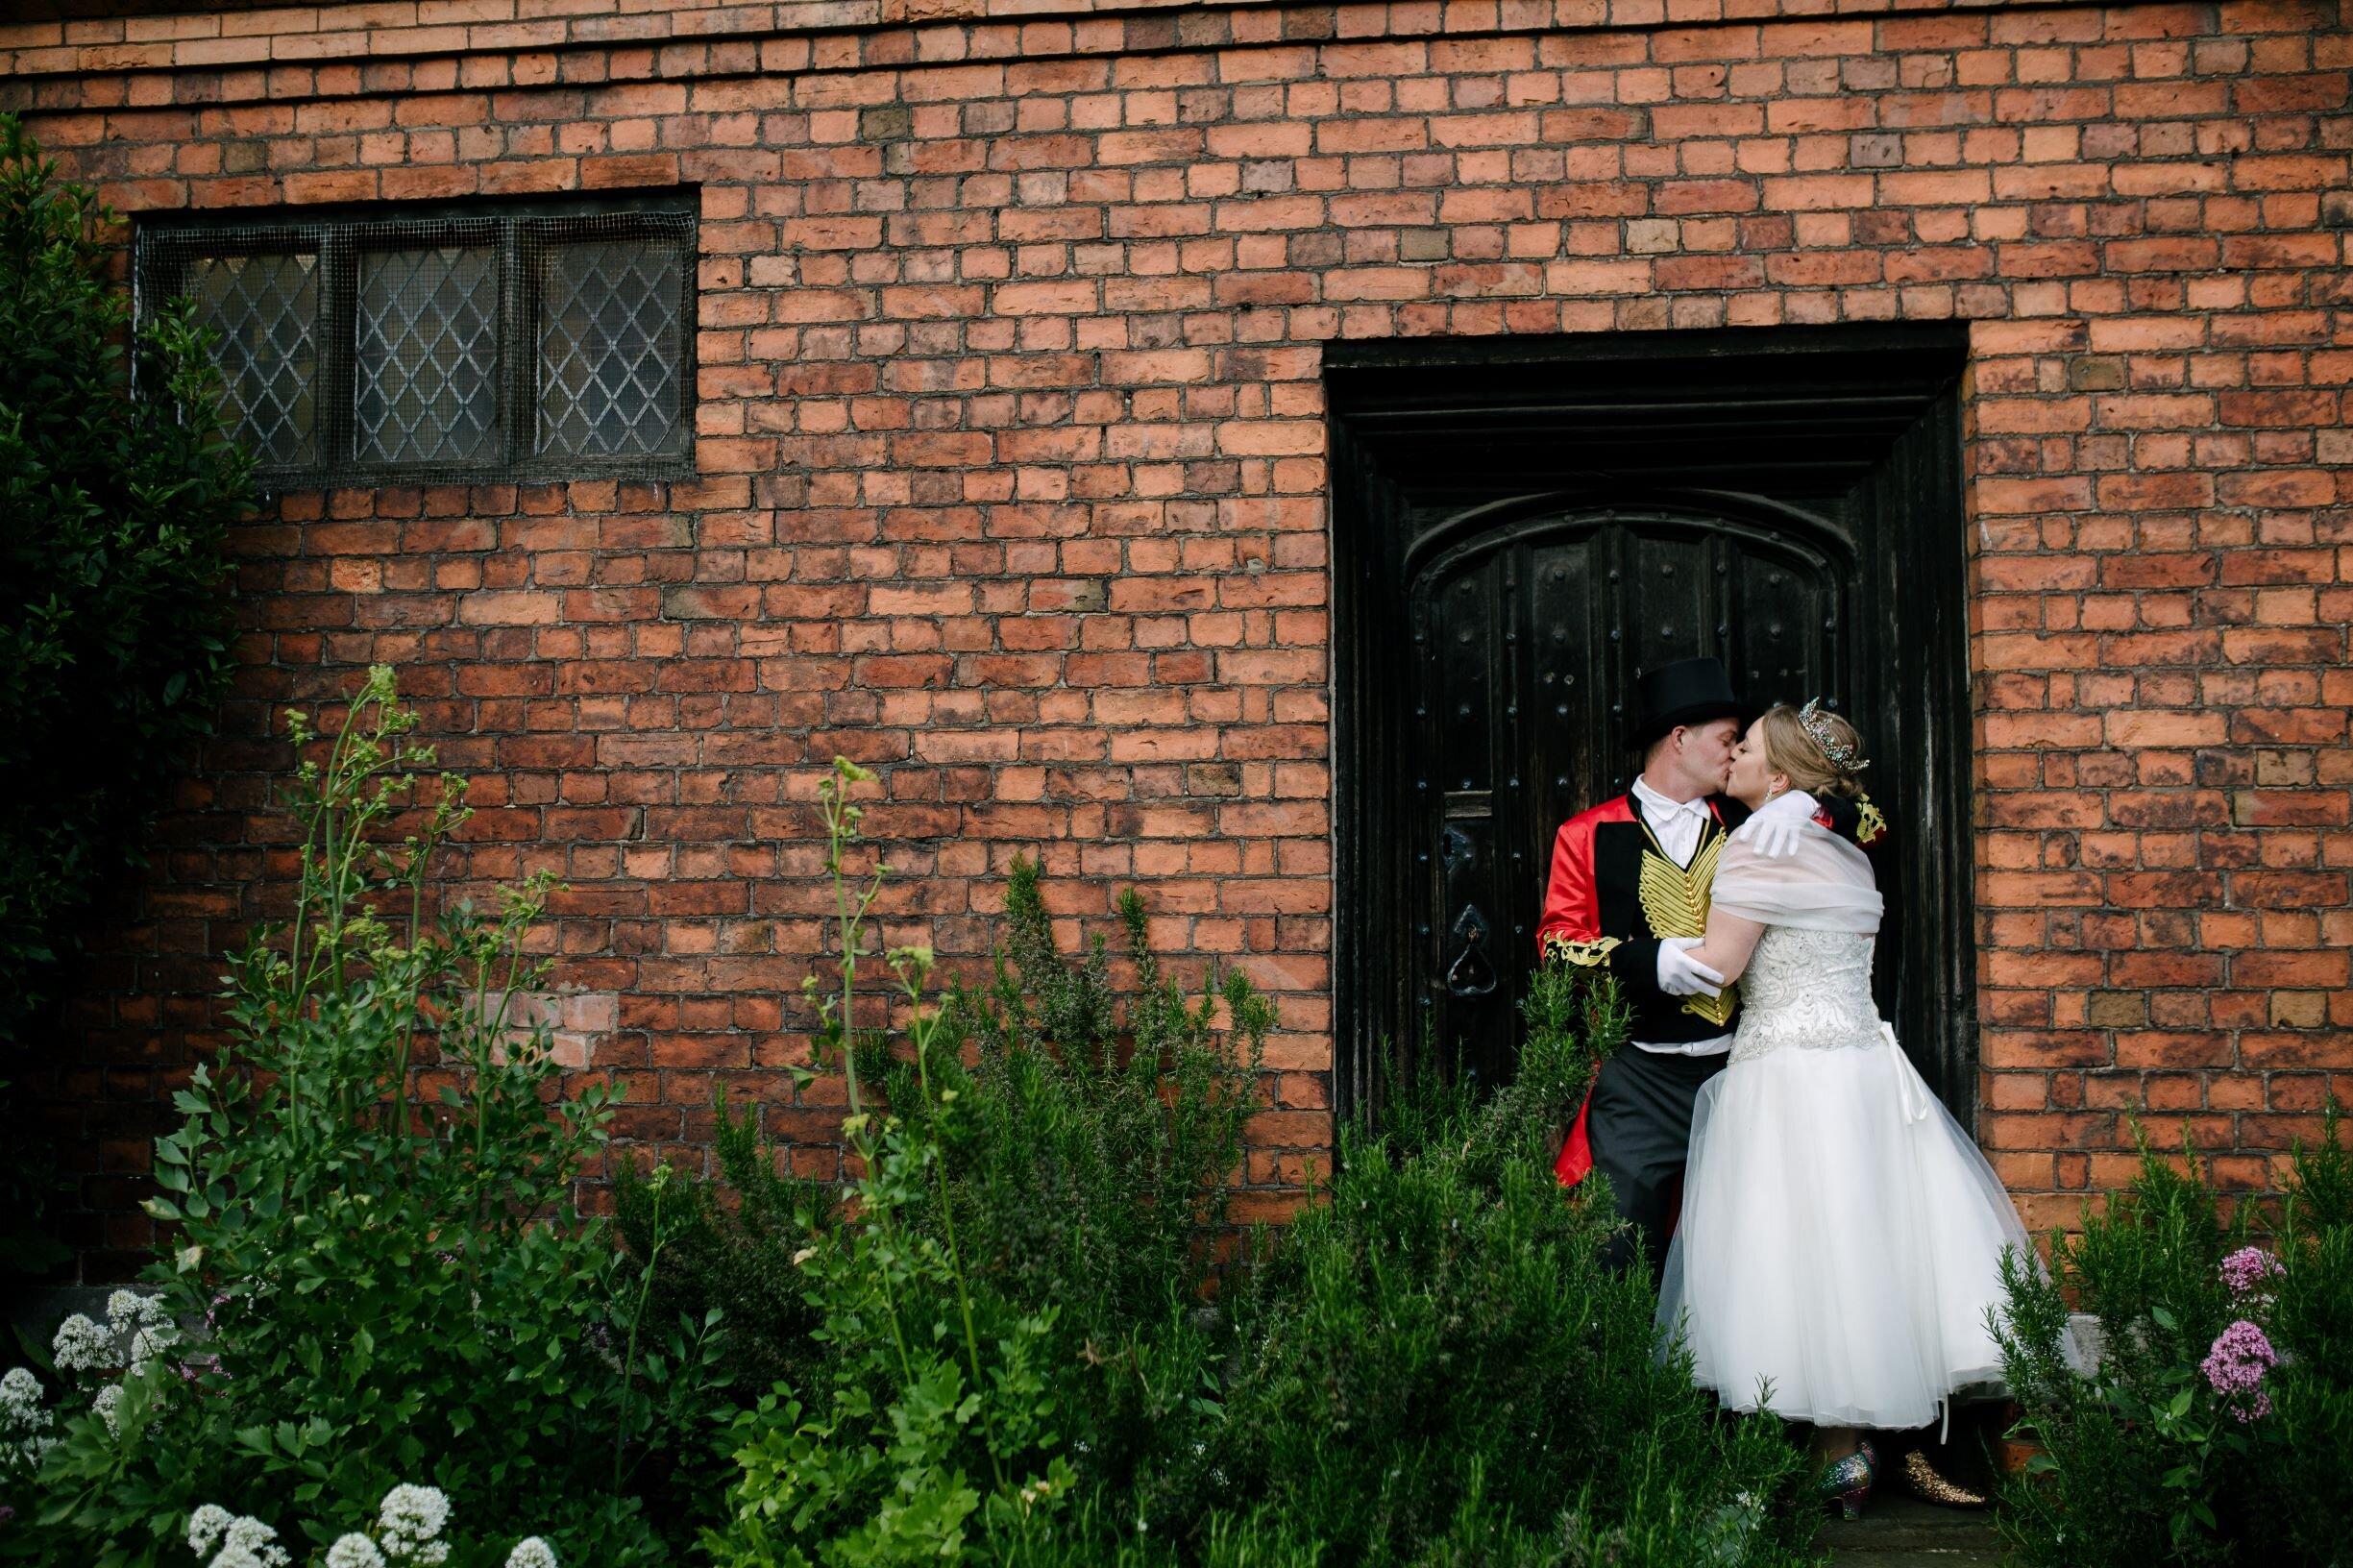 Kirstie & Dean - Gainsborough Old HallPhotography : Aden Priest